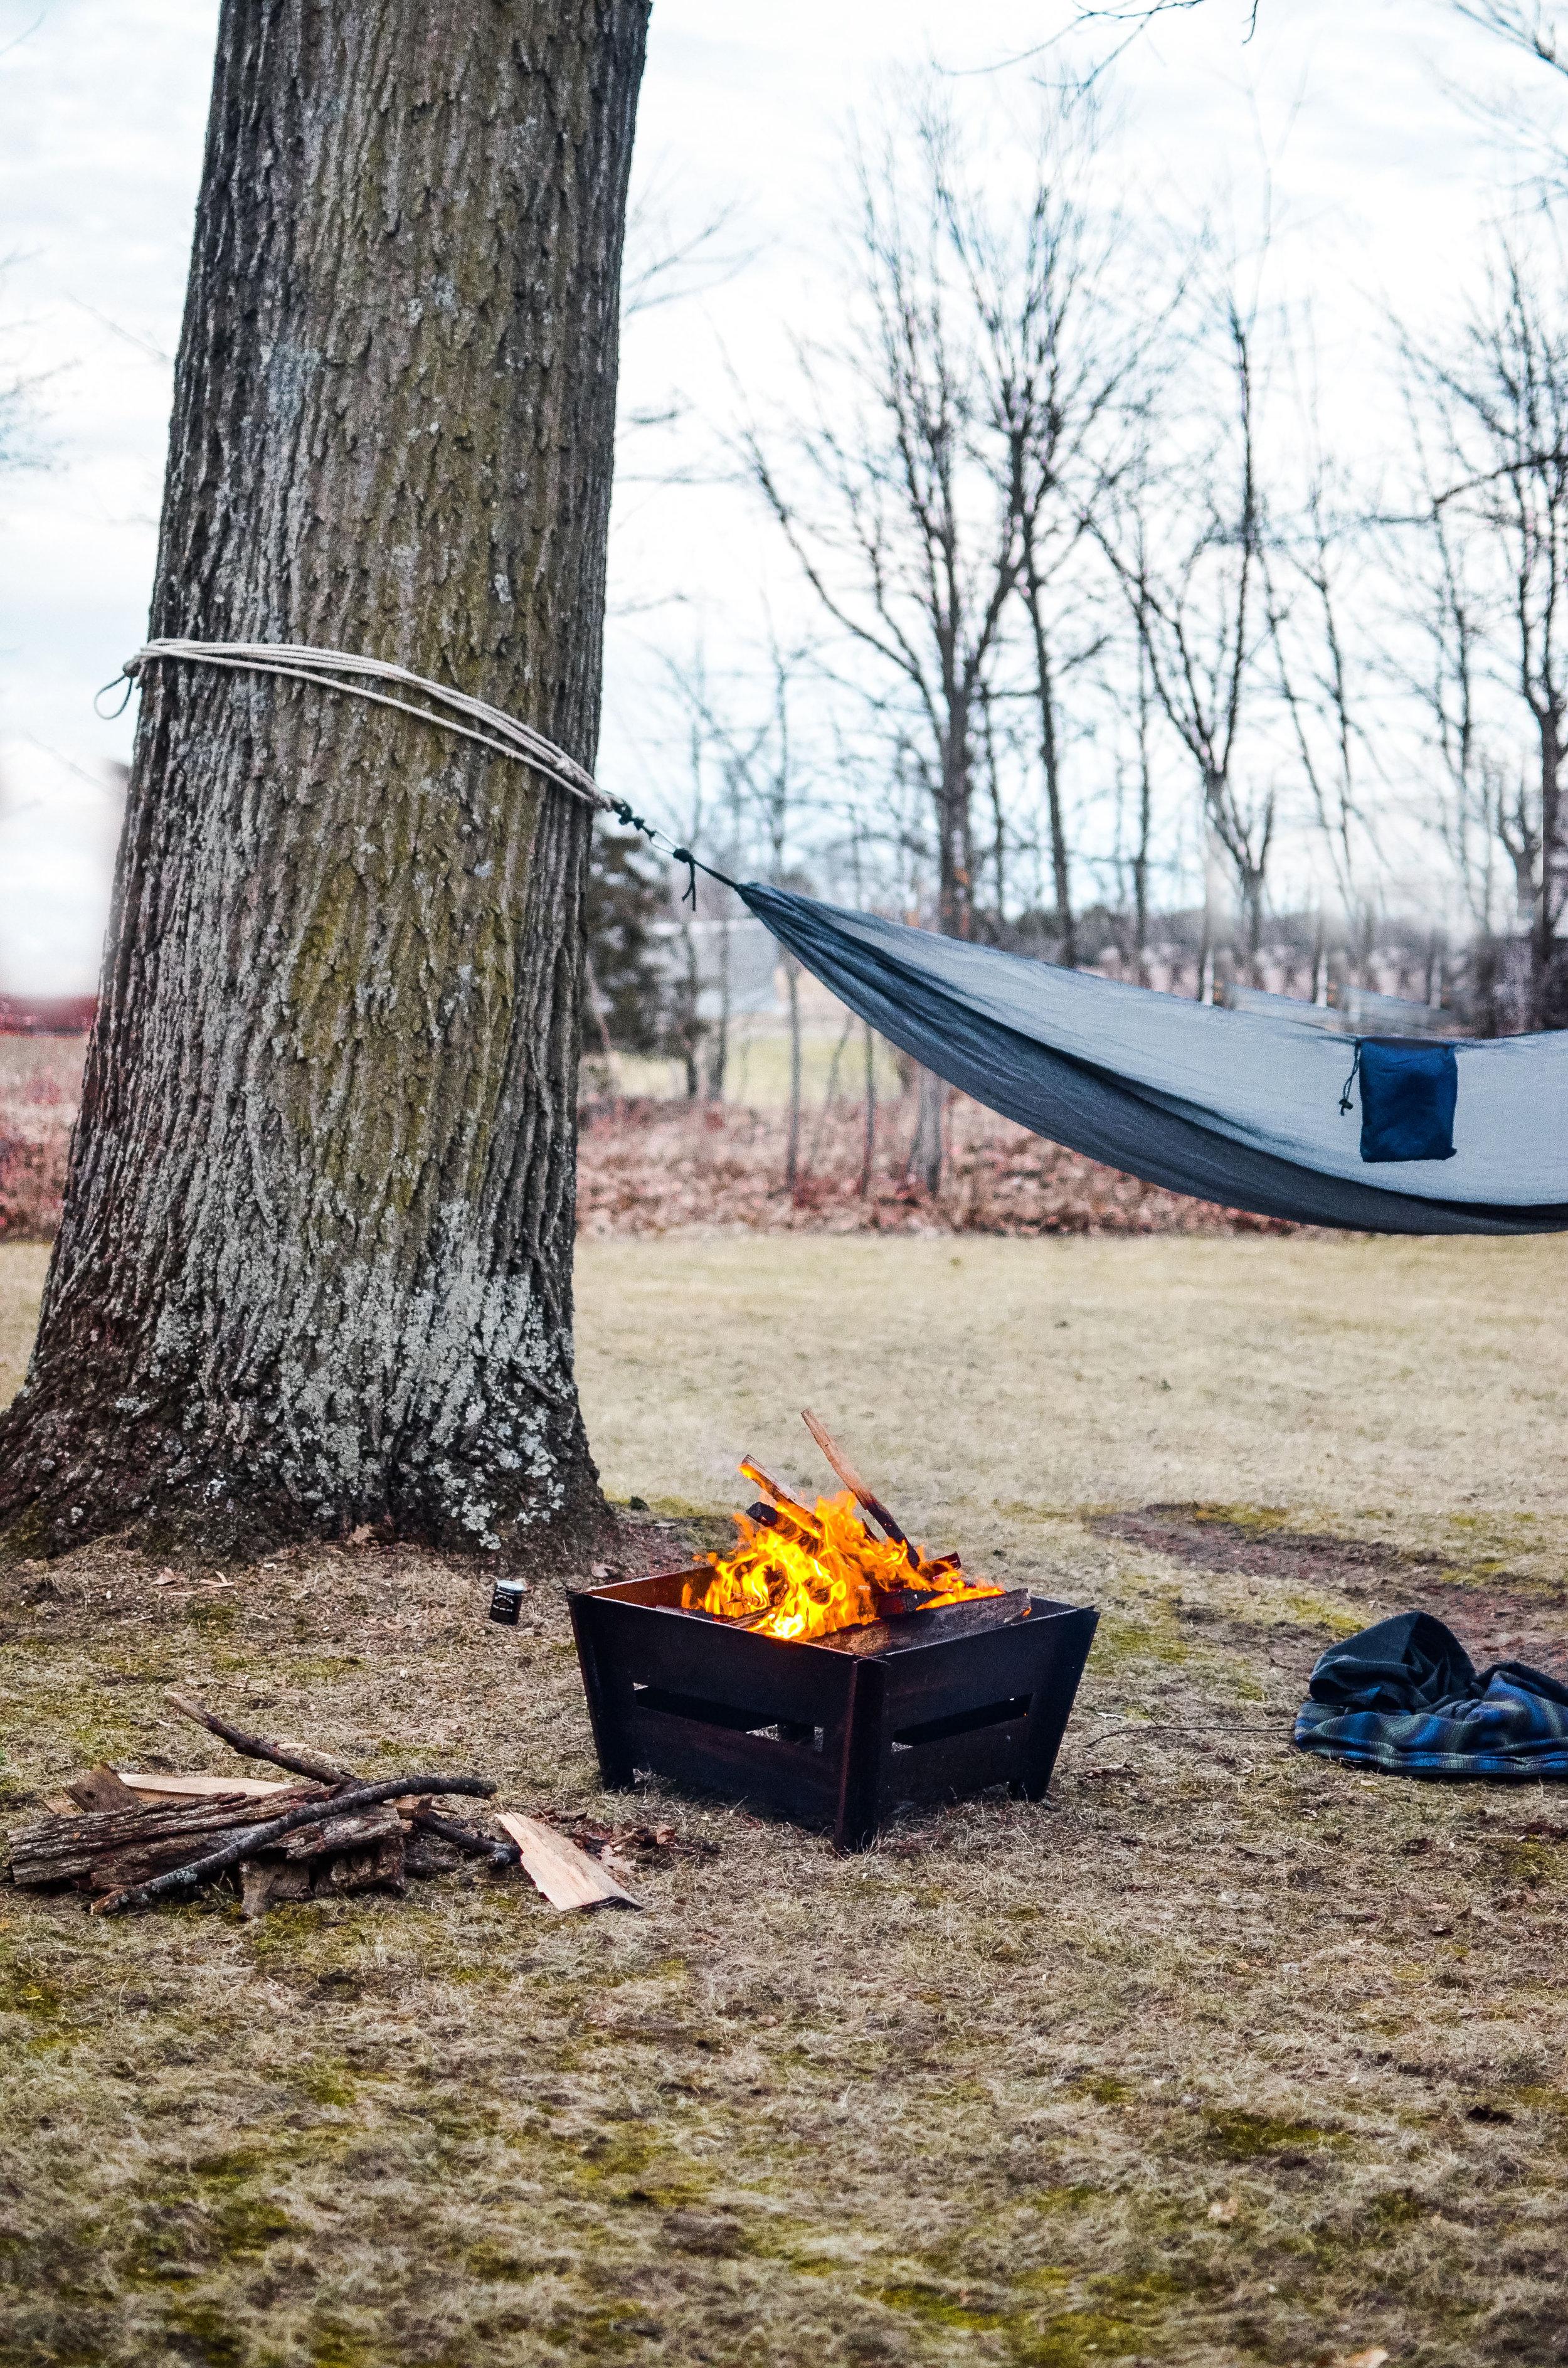 Spring_Is_Here_Bespoke_Post_Coaltree_Hammock_Camping-2.jpg